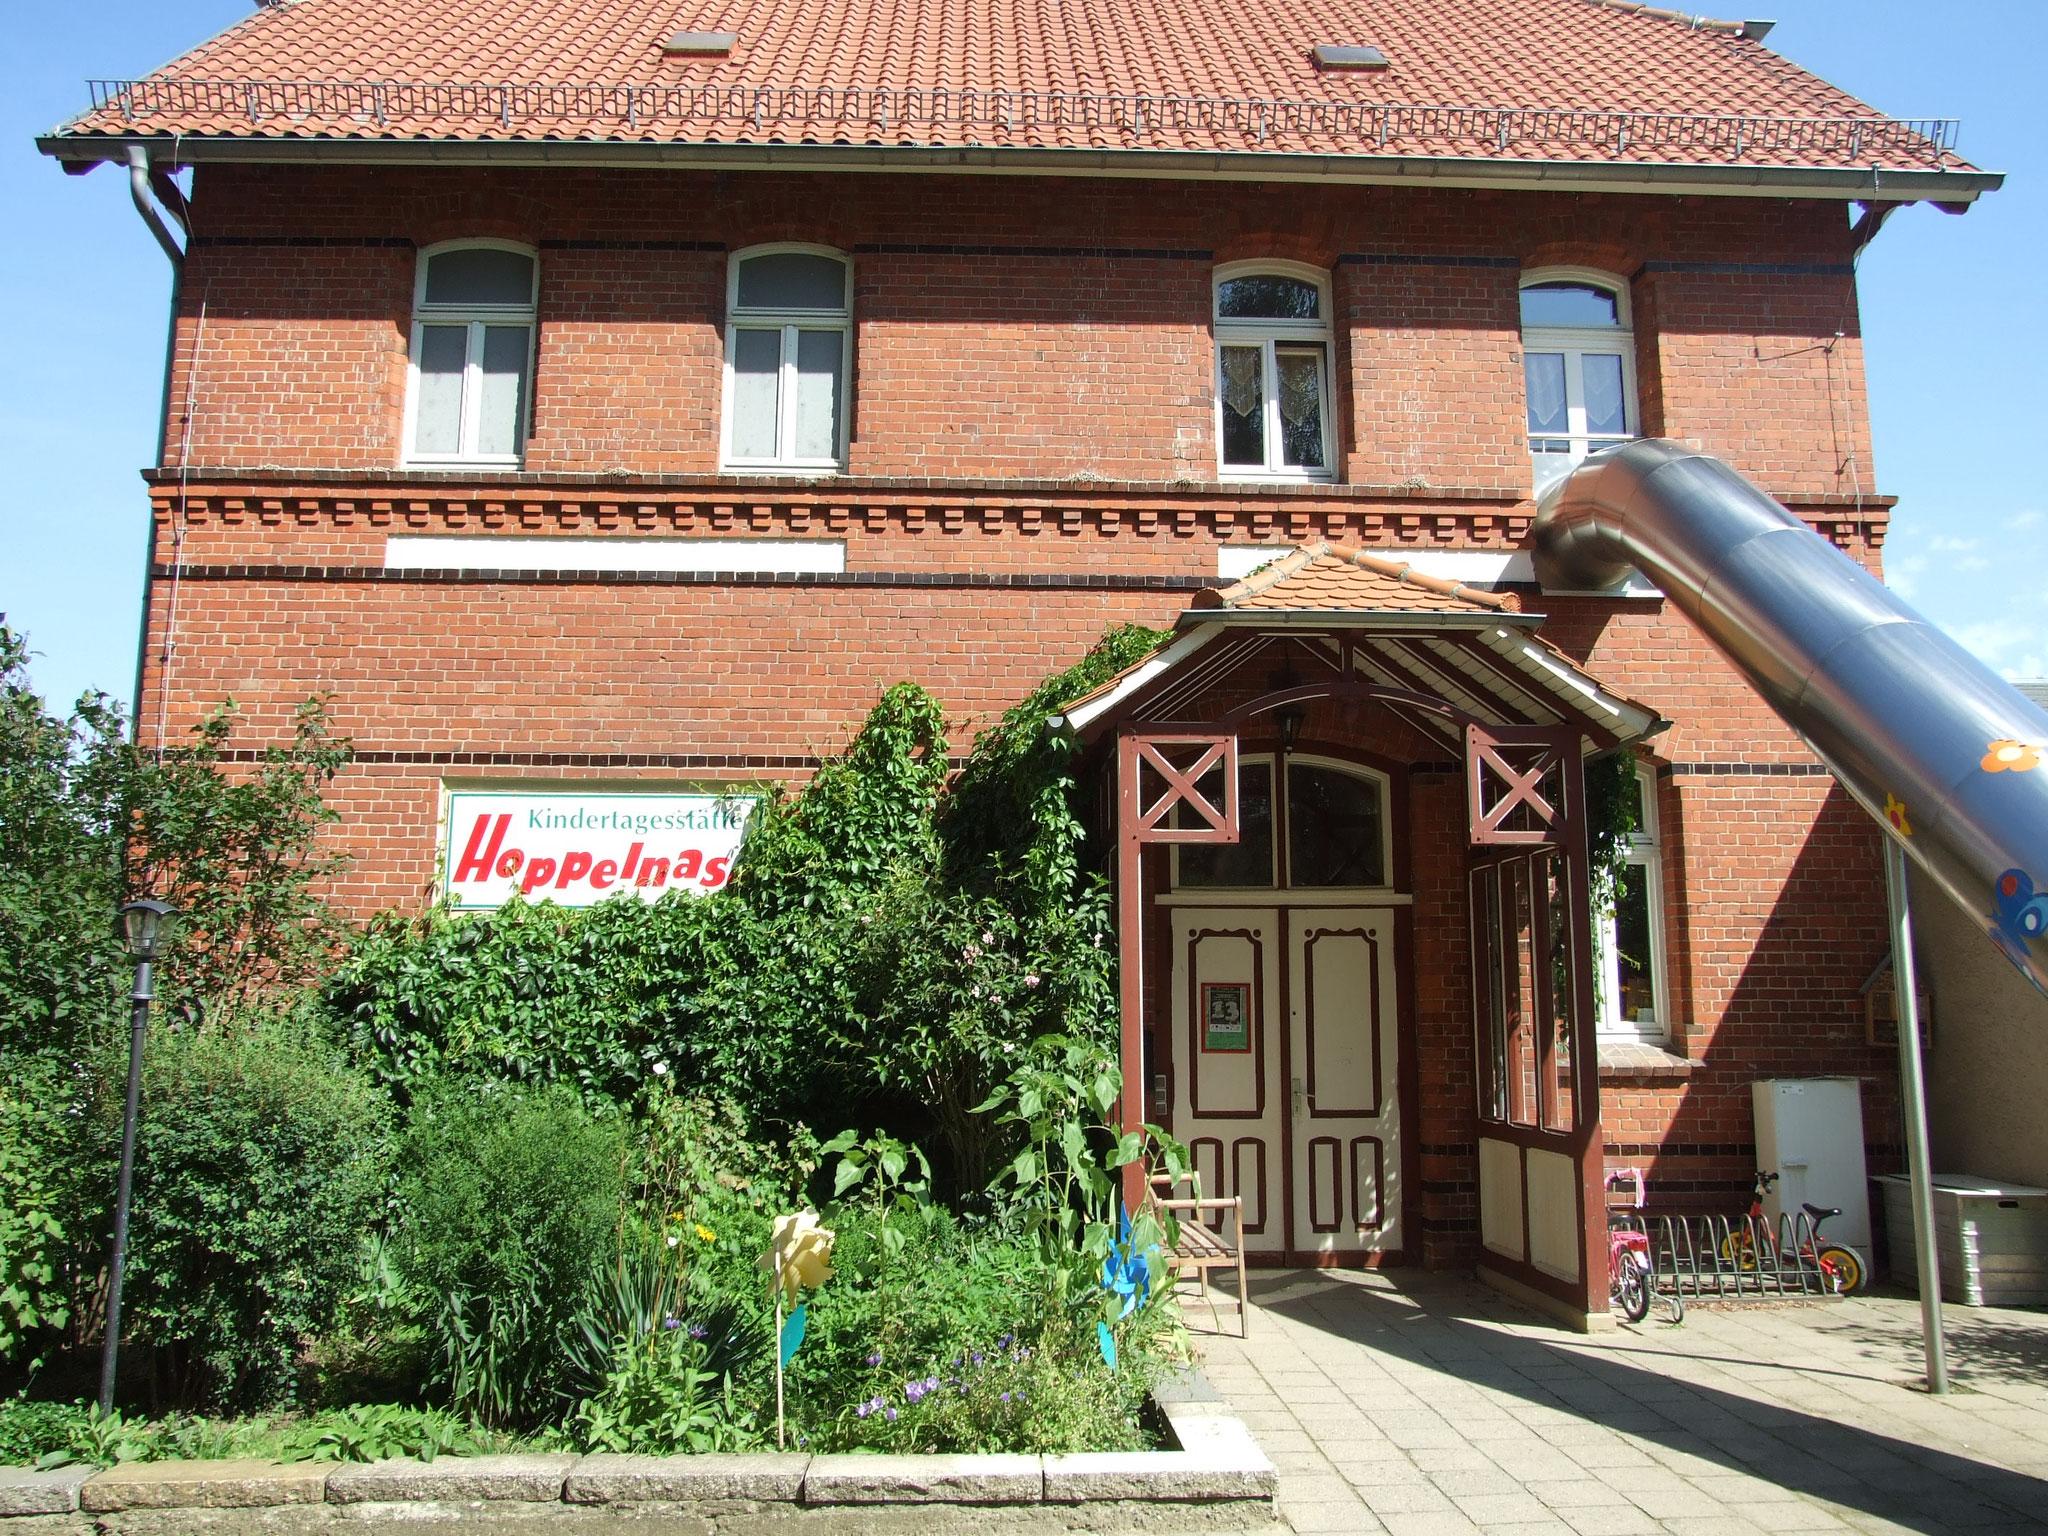 """Kindertagesstätte """"Hoppelnase"""" in Langenstein"""